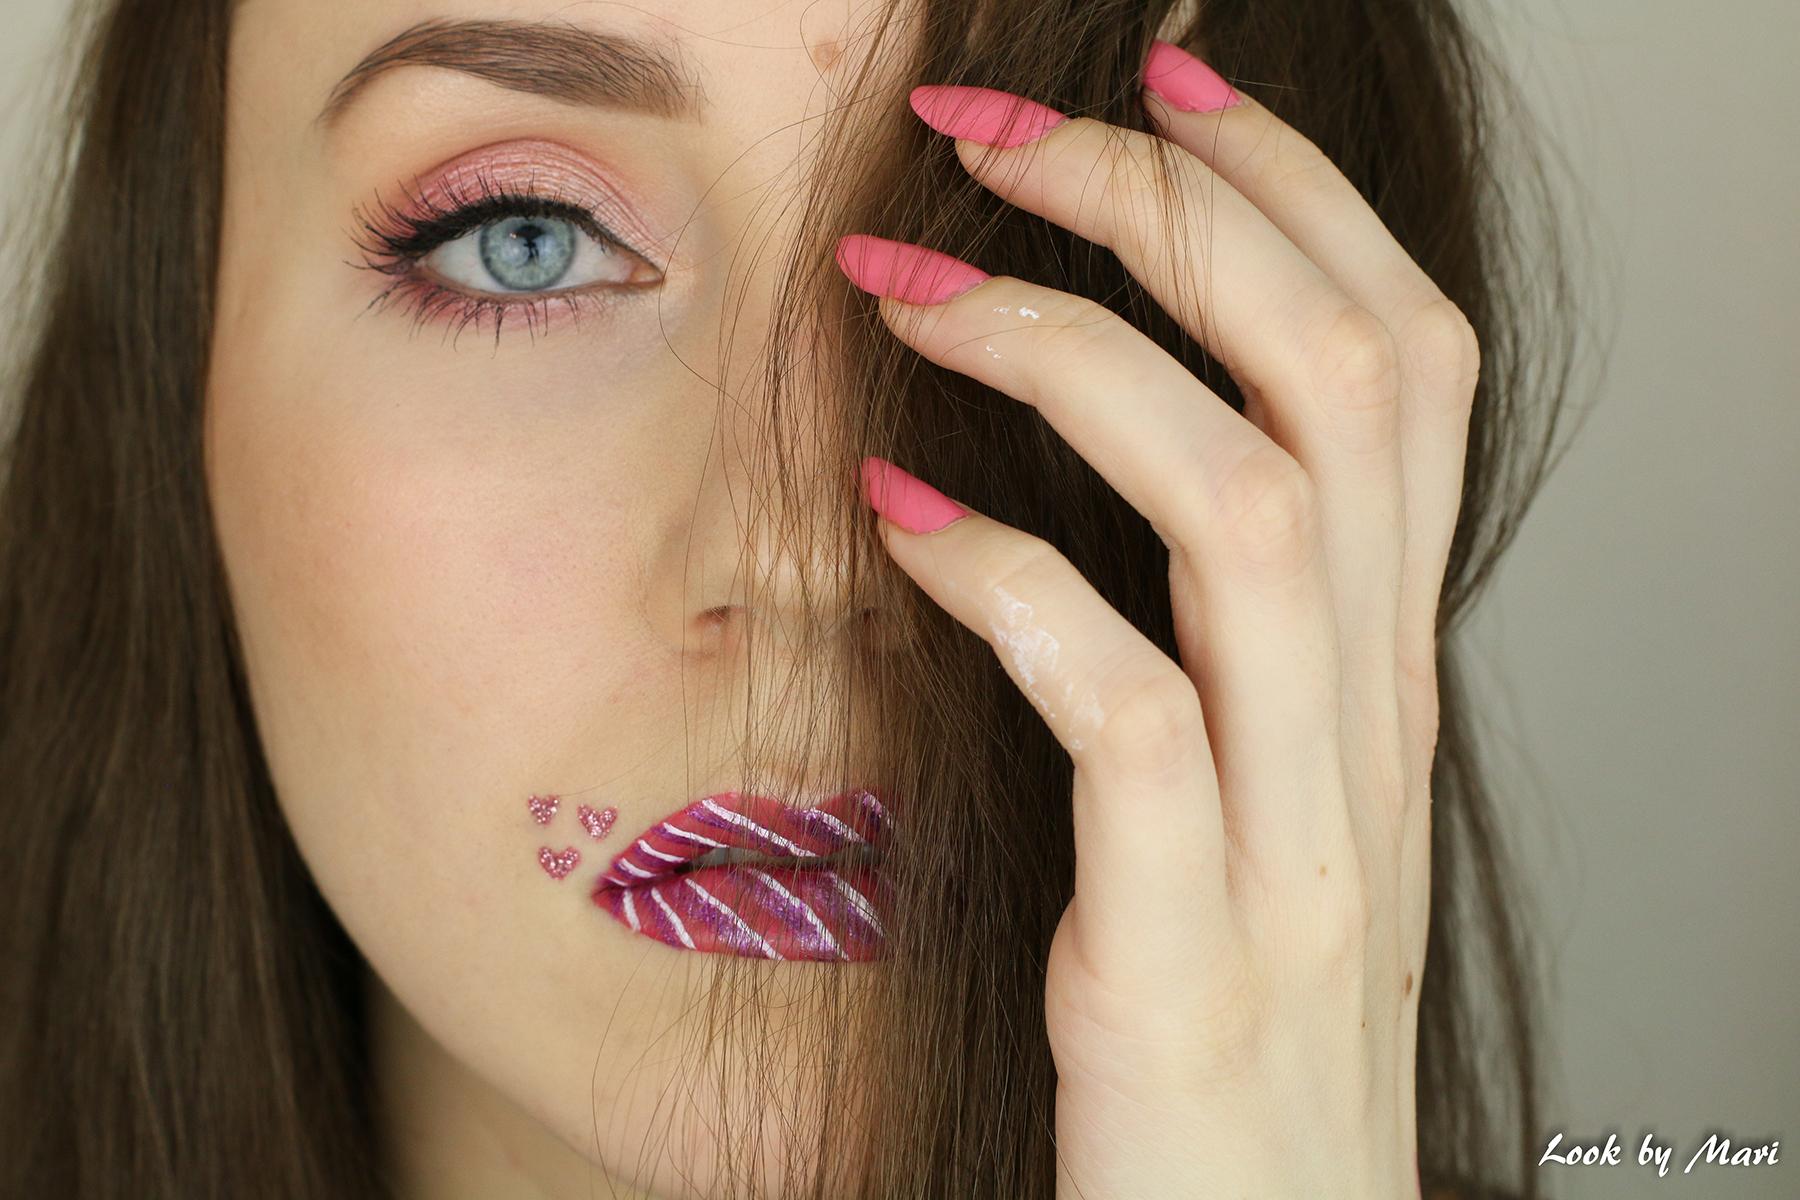 6 ystävänpäivä meikki ideat ideoita tutoriaali lip art rimmel provocalips 200 sävy swatch swatches